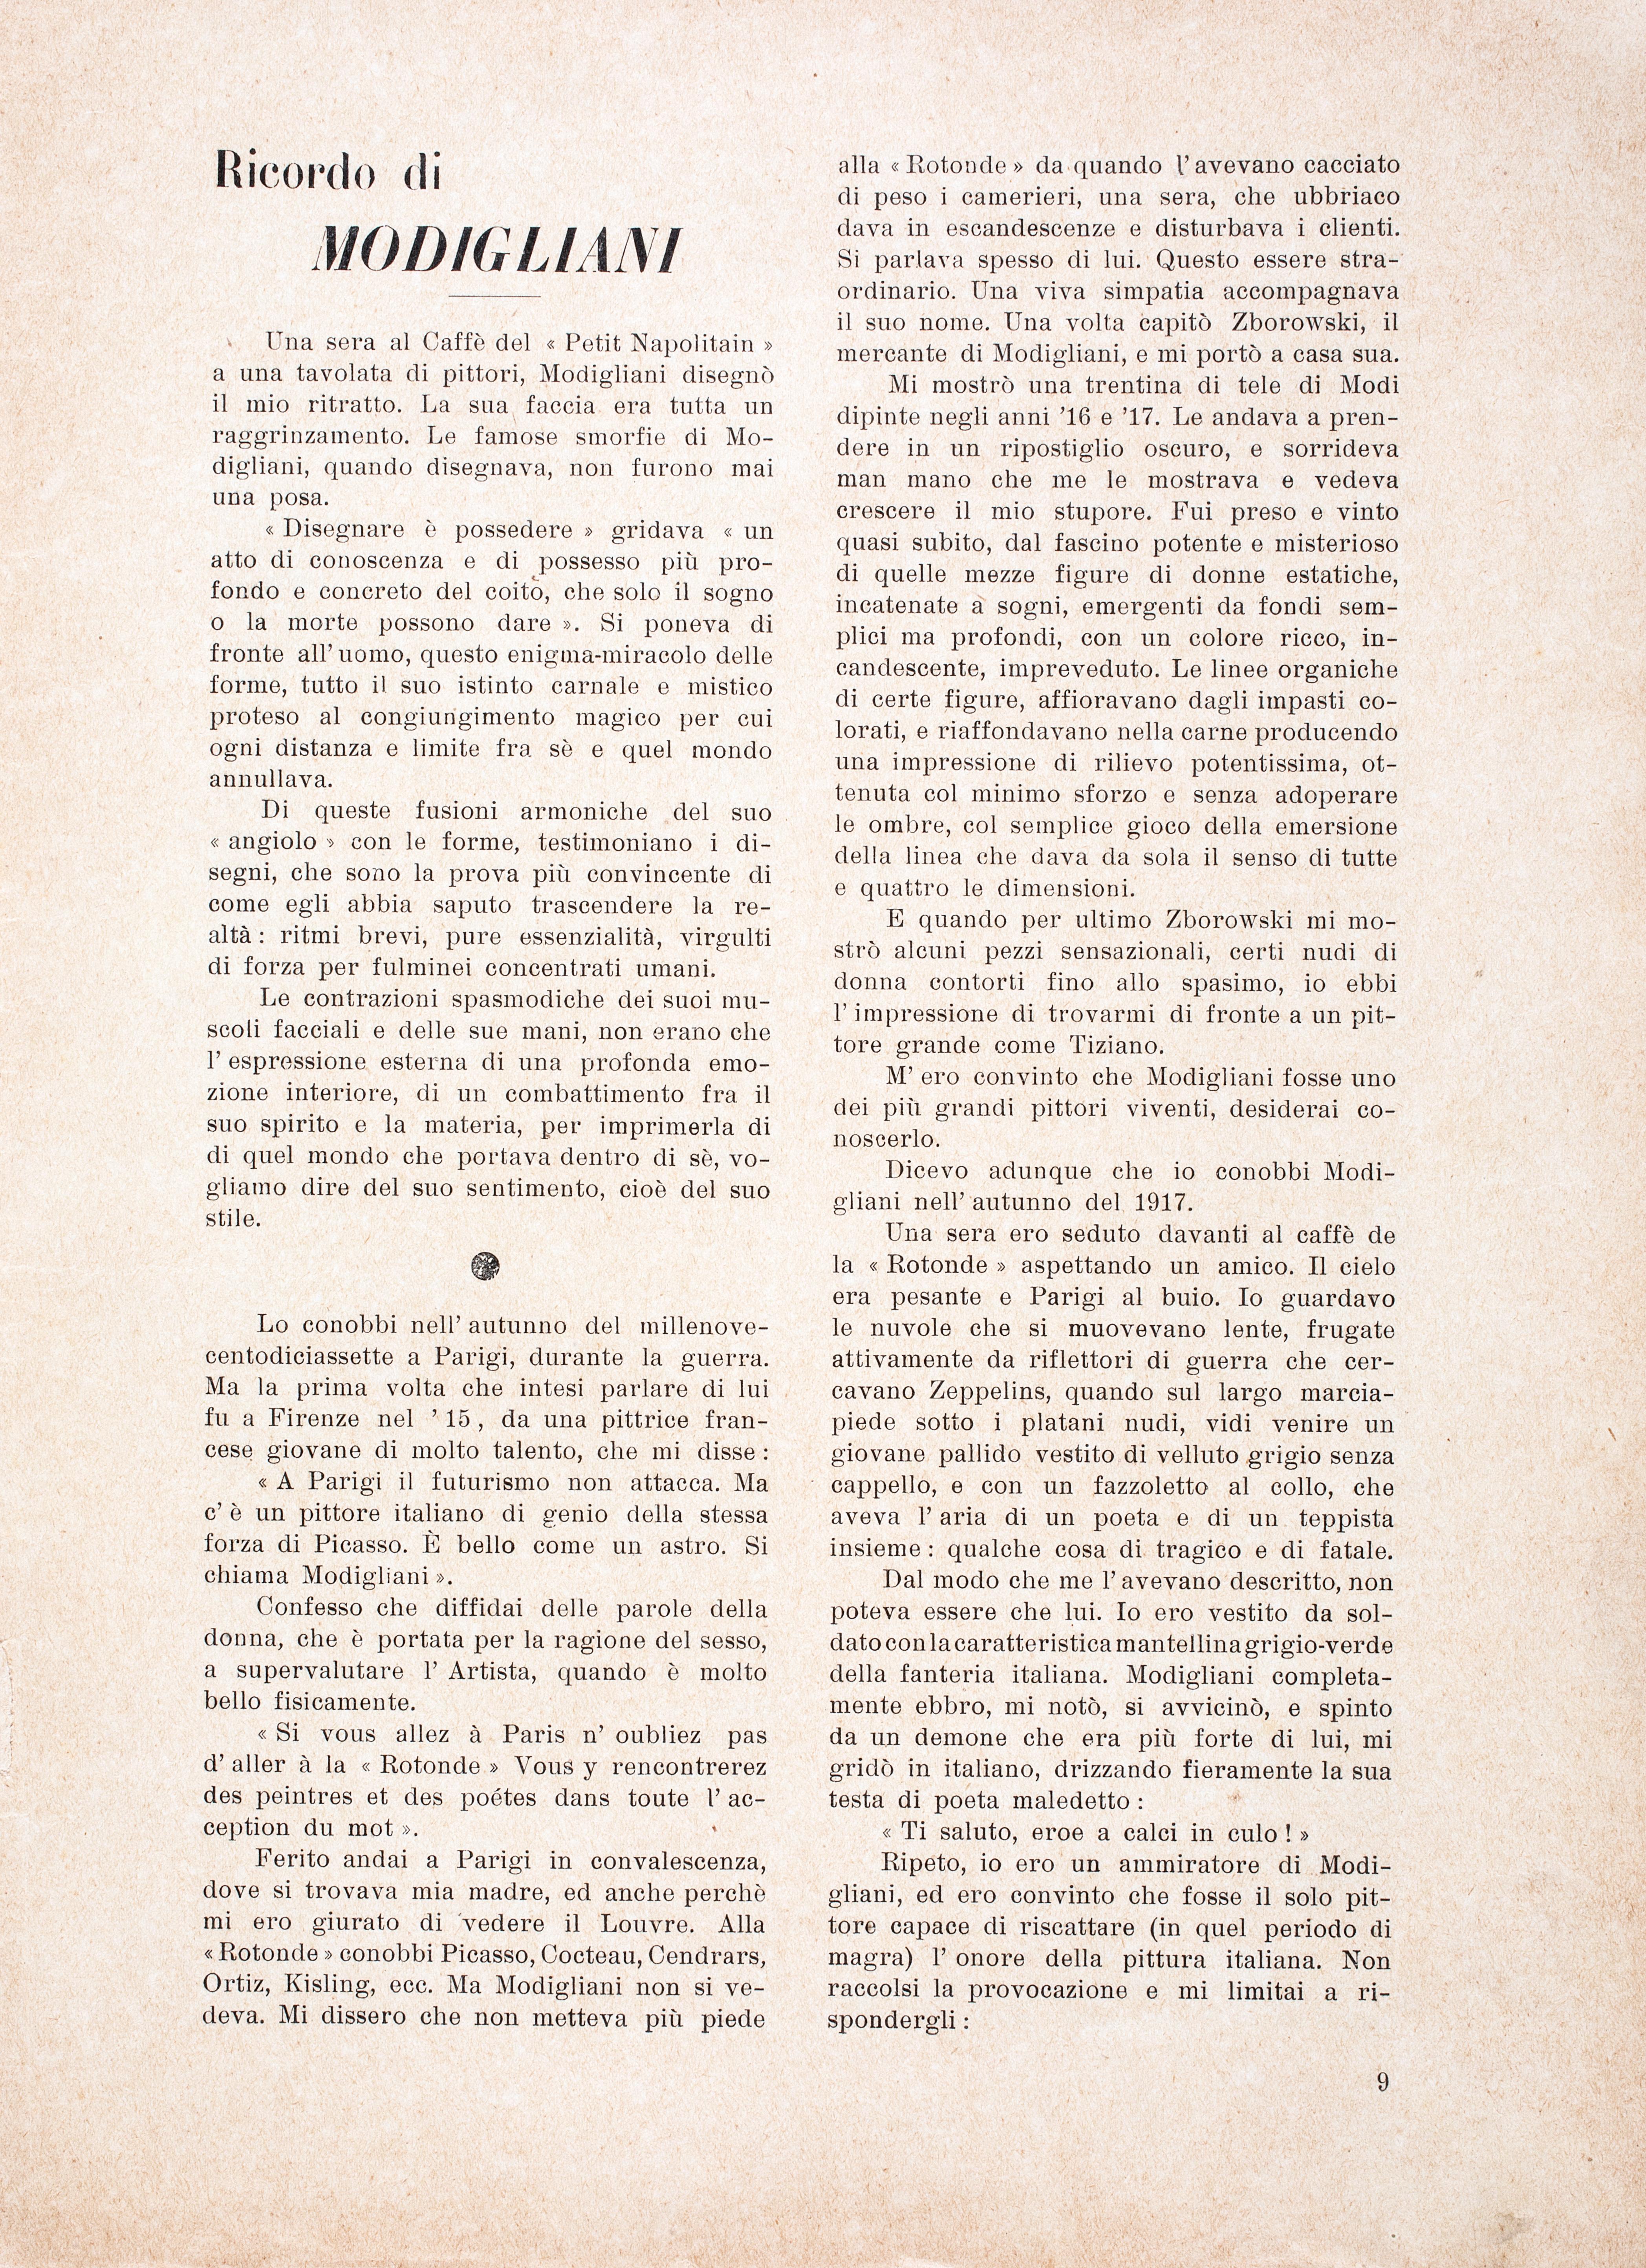 Prima pagina del